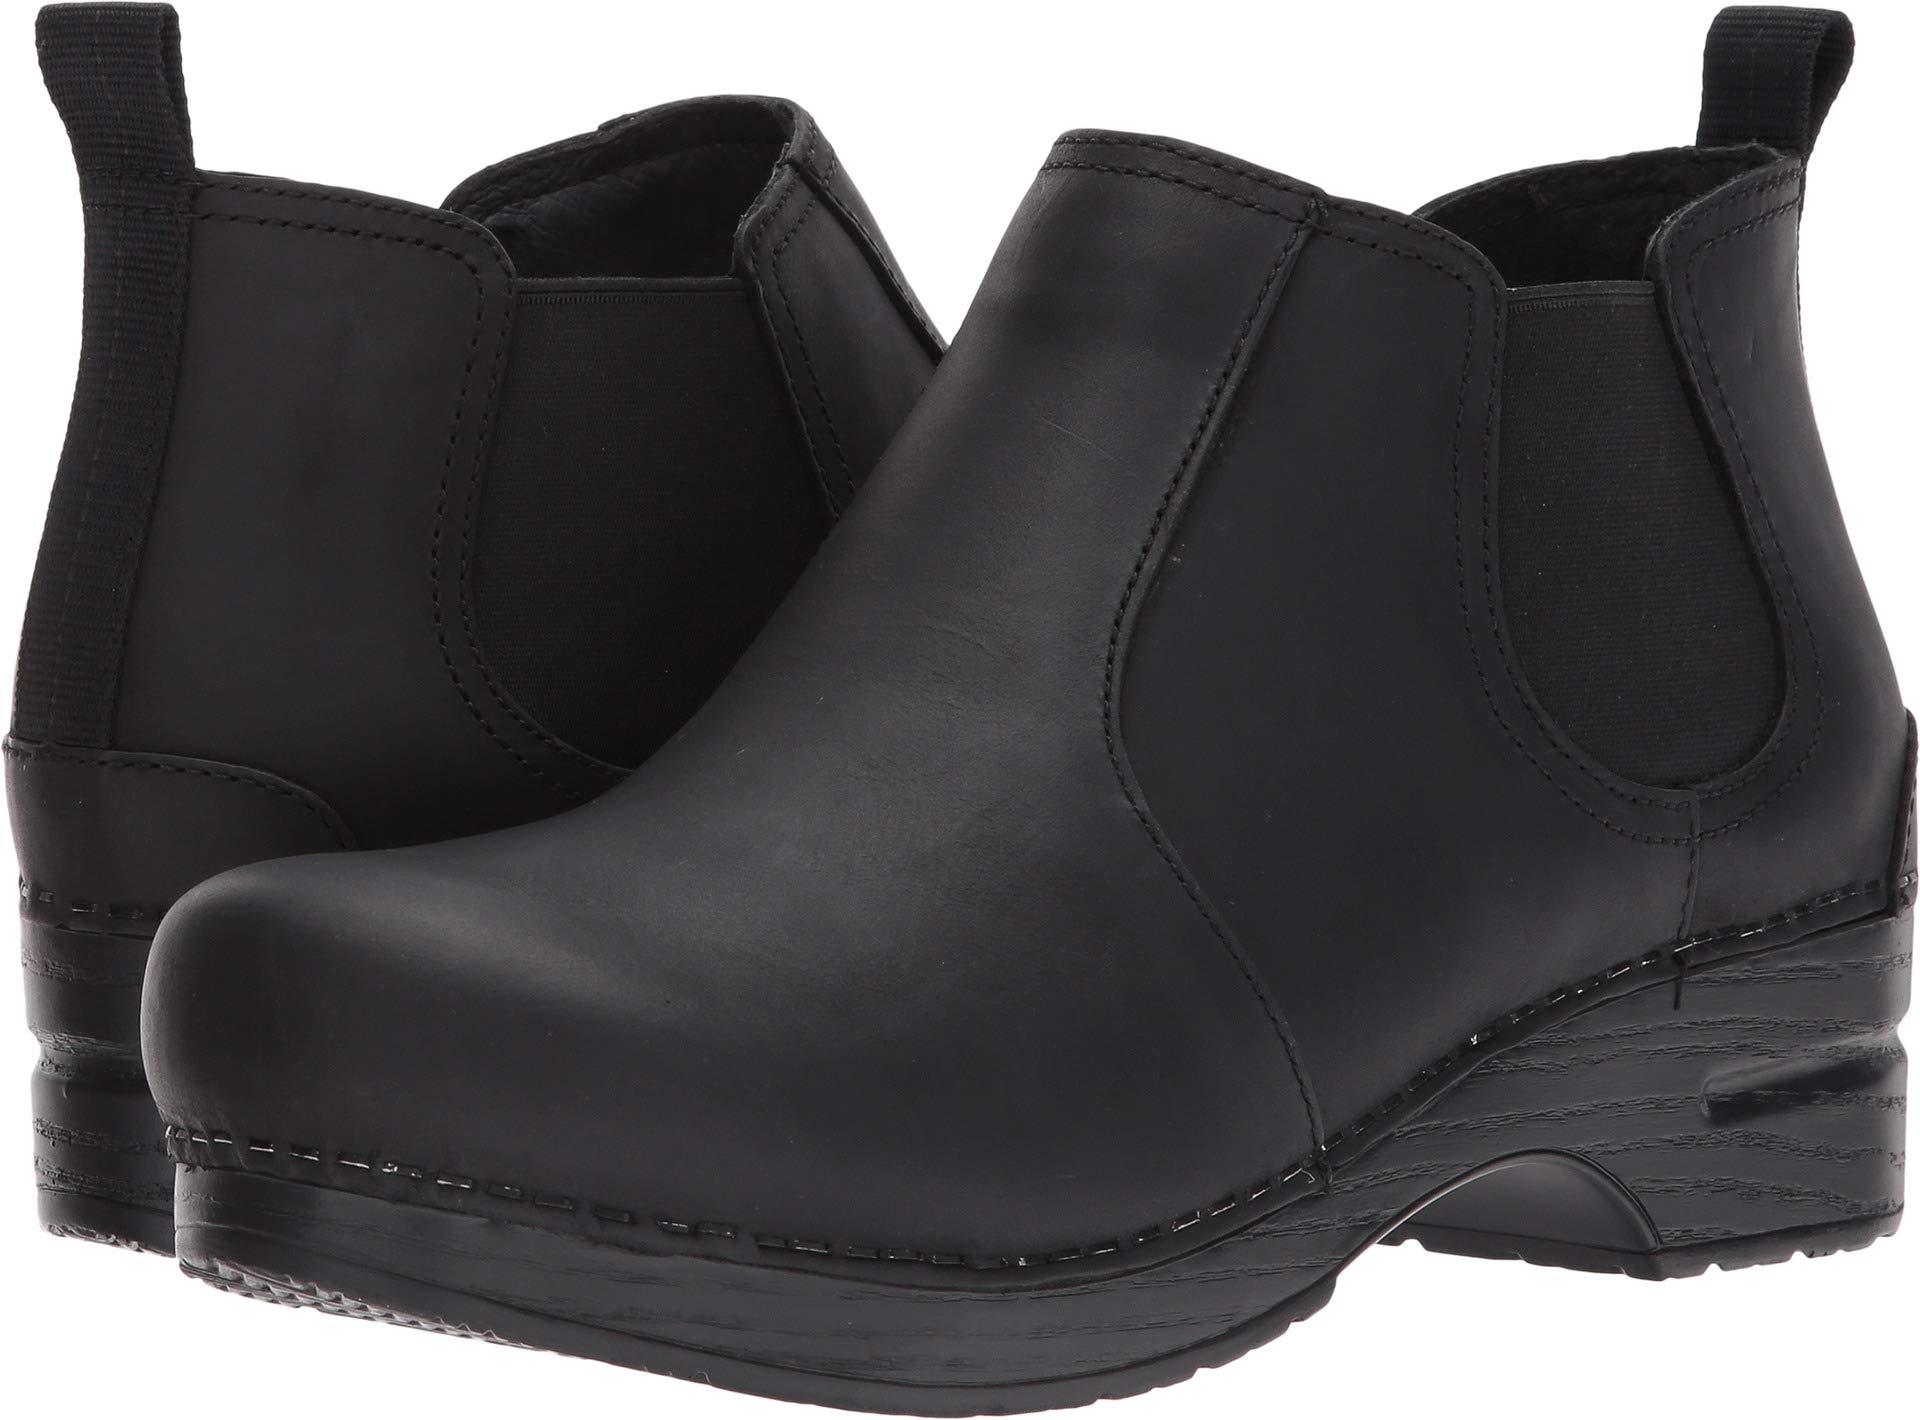 Dansko Women's Frankie Ankle Bootie, Black Oiled, 39 EU/8.5-9 M US by Dansko